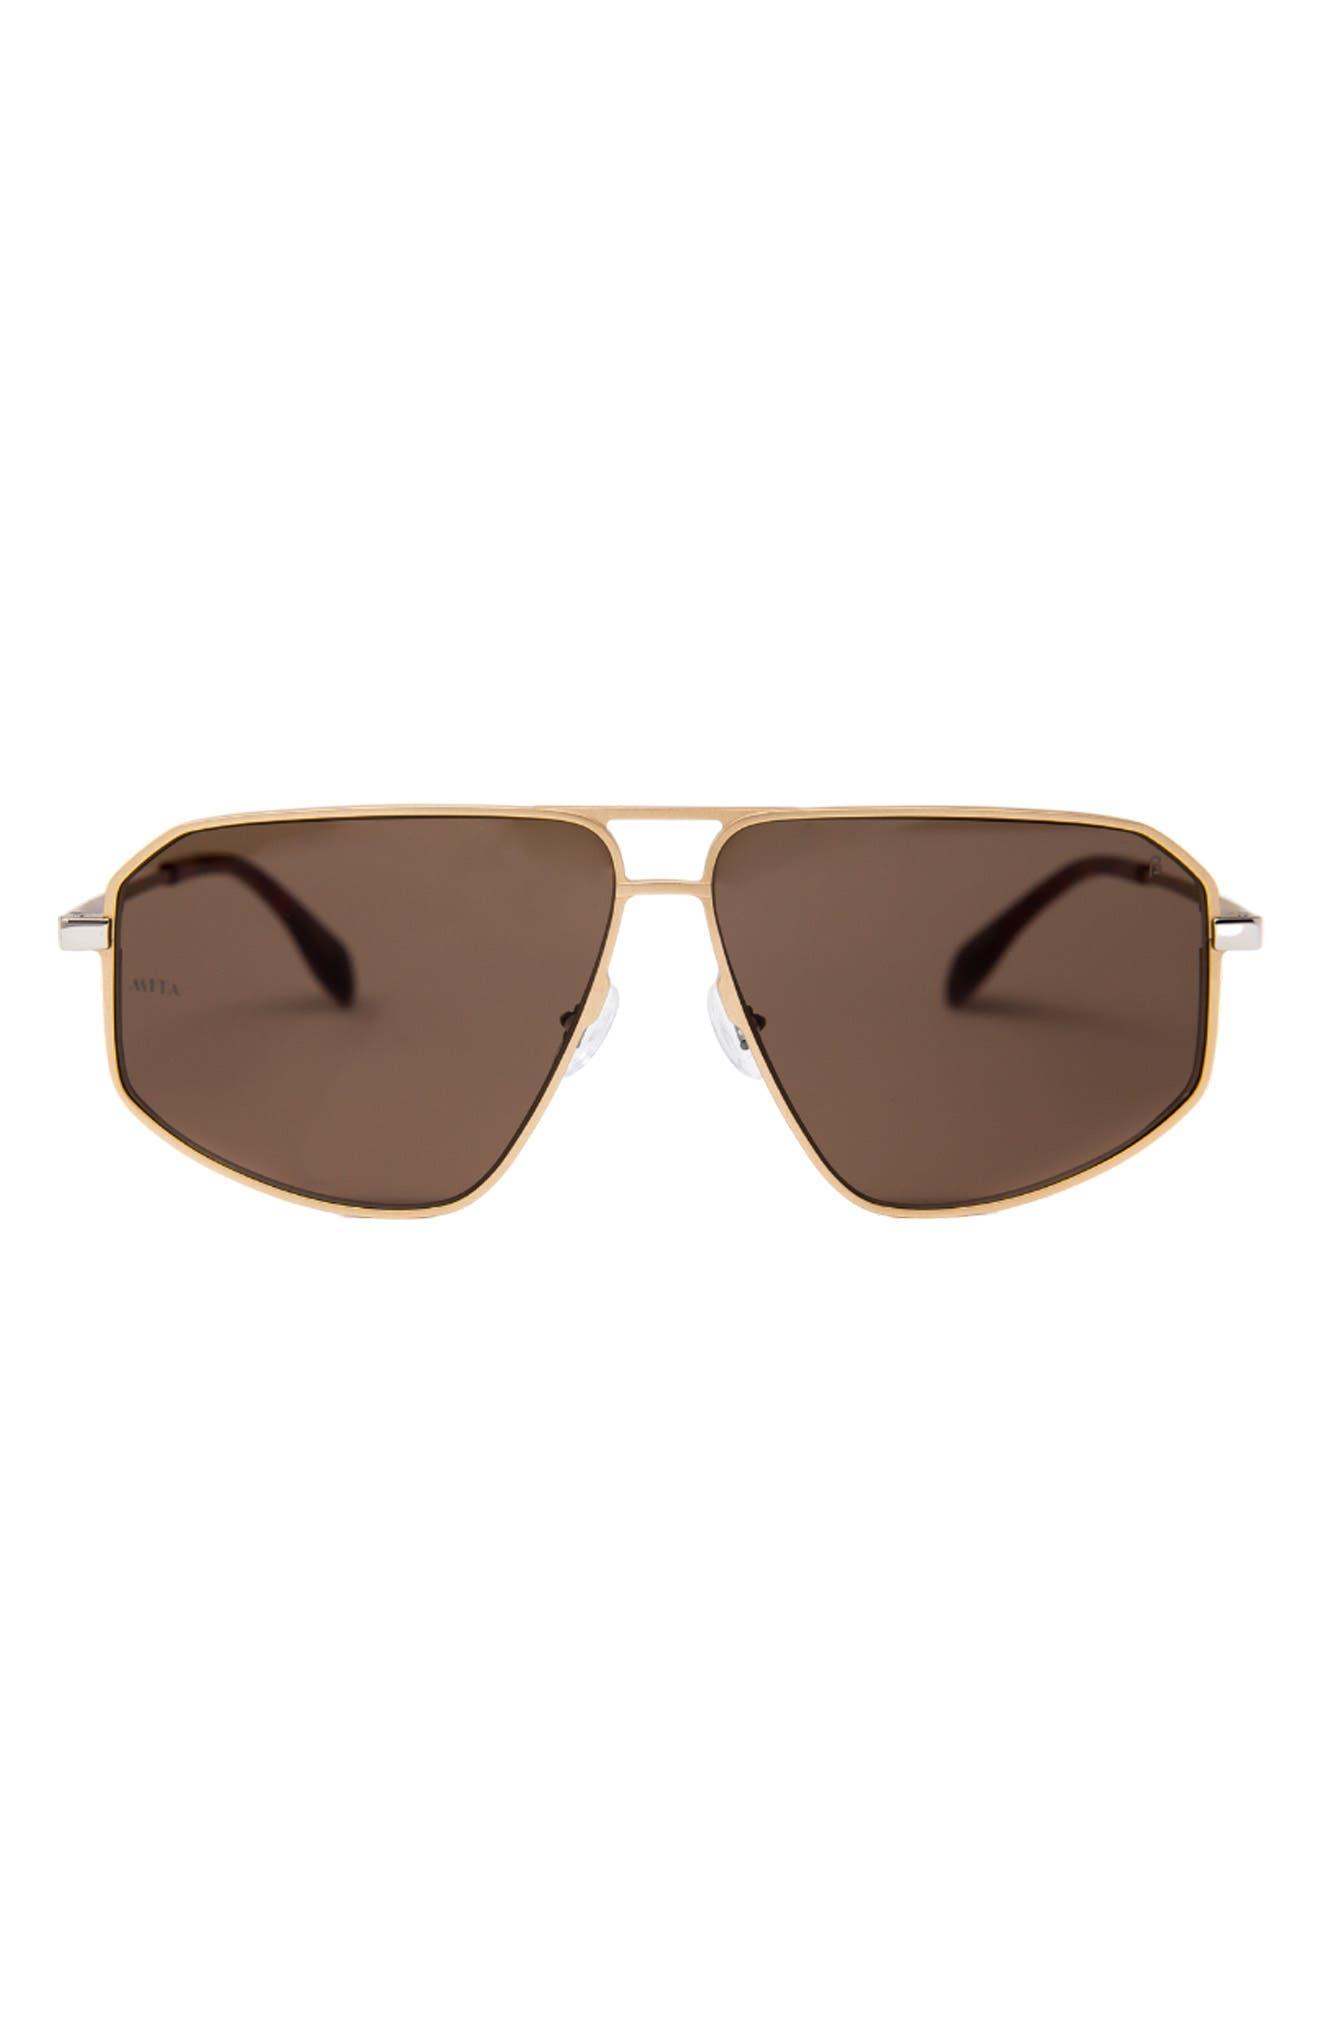 Milano 57mm Aviator Sunglasses